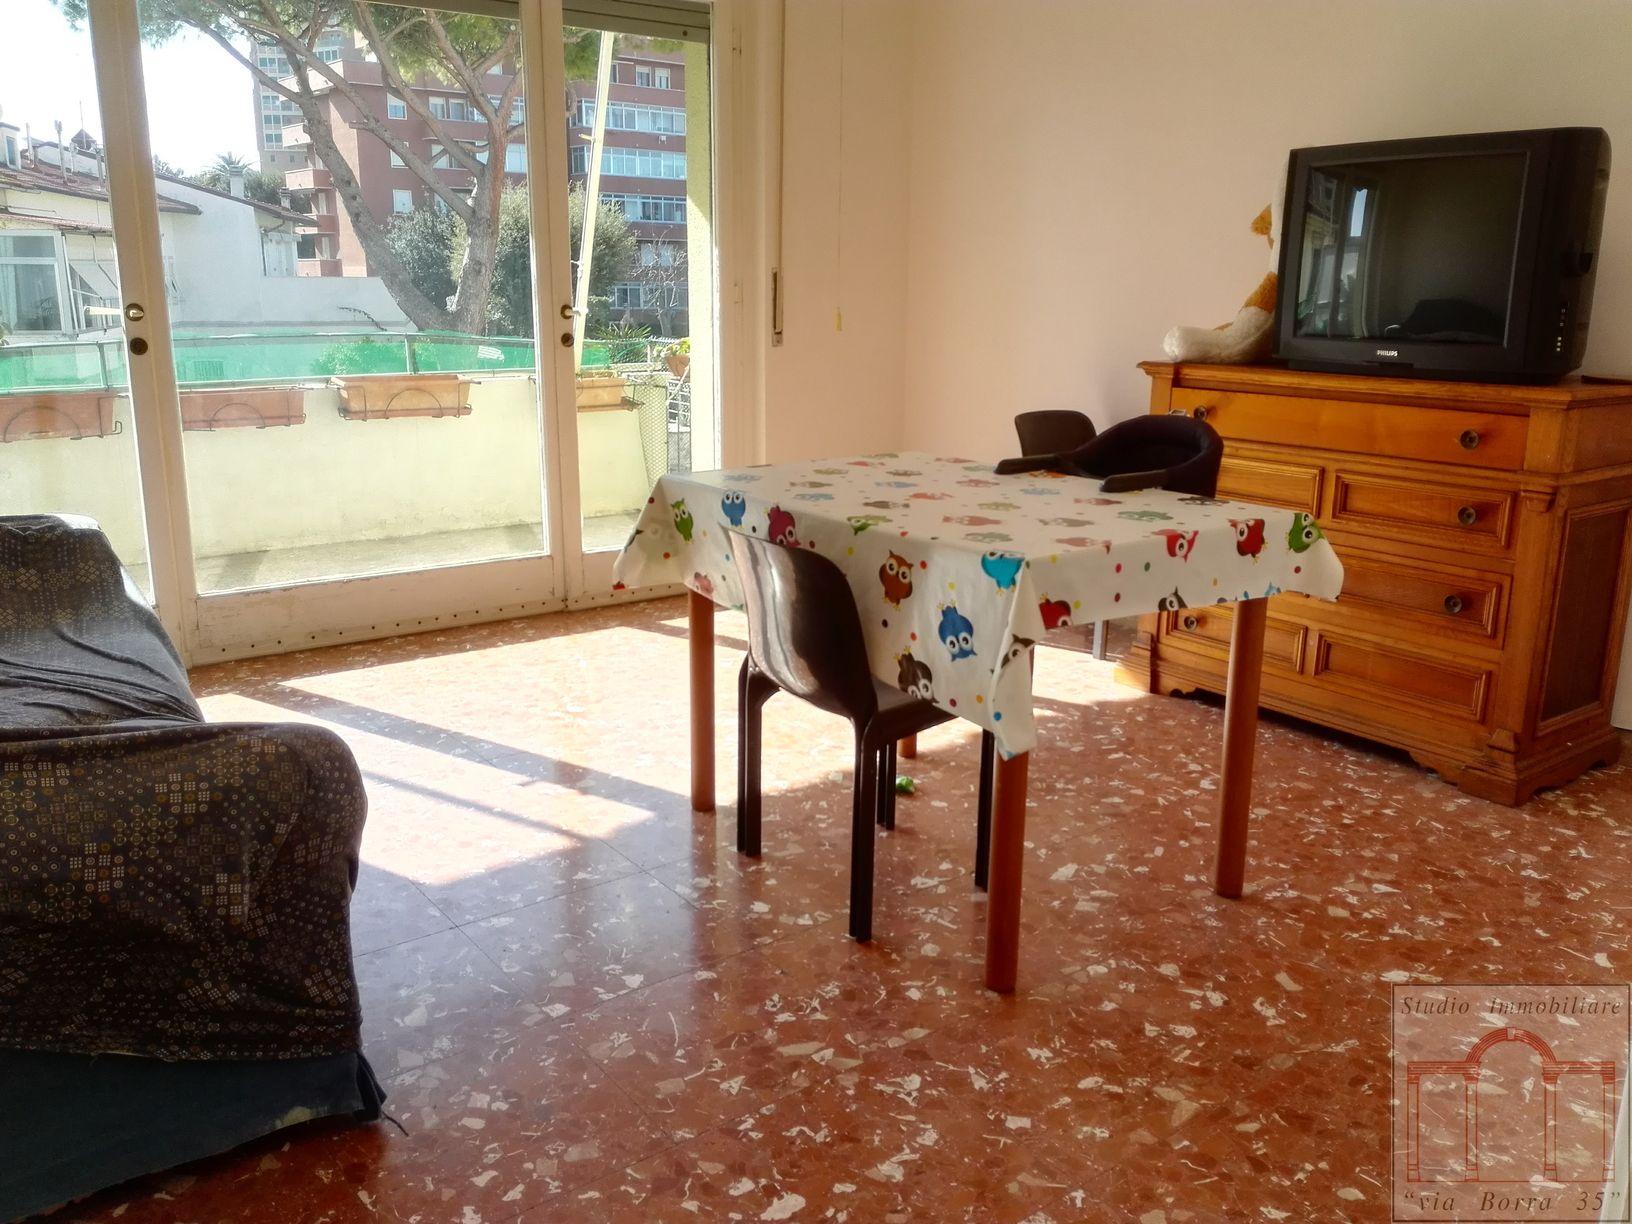 Appartamento in vendita a Livorno, 4 locali, zona Località: Centroresidenziale, prezzo € 160.000 | Cambio Casa.it